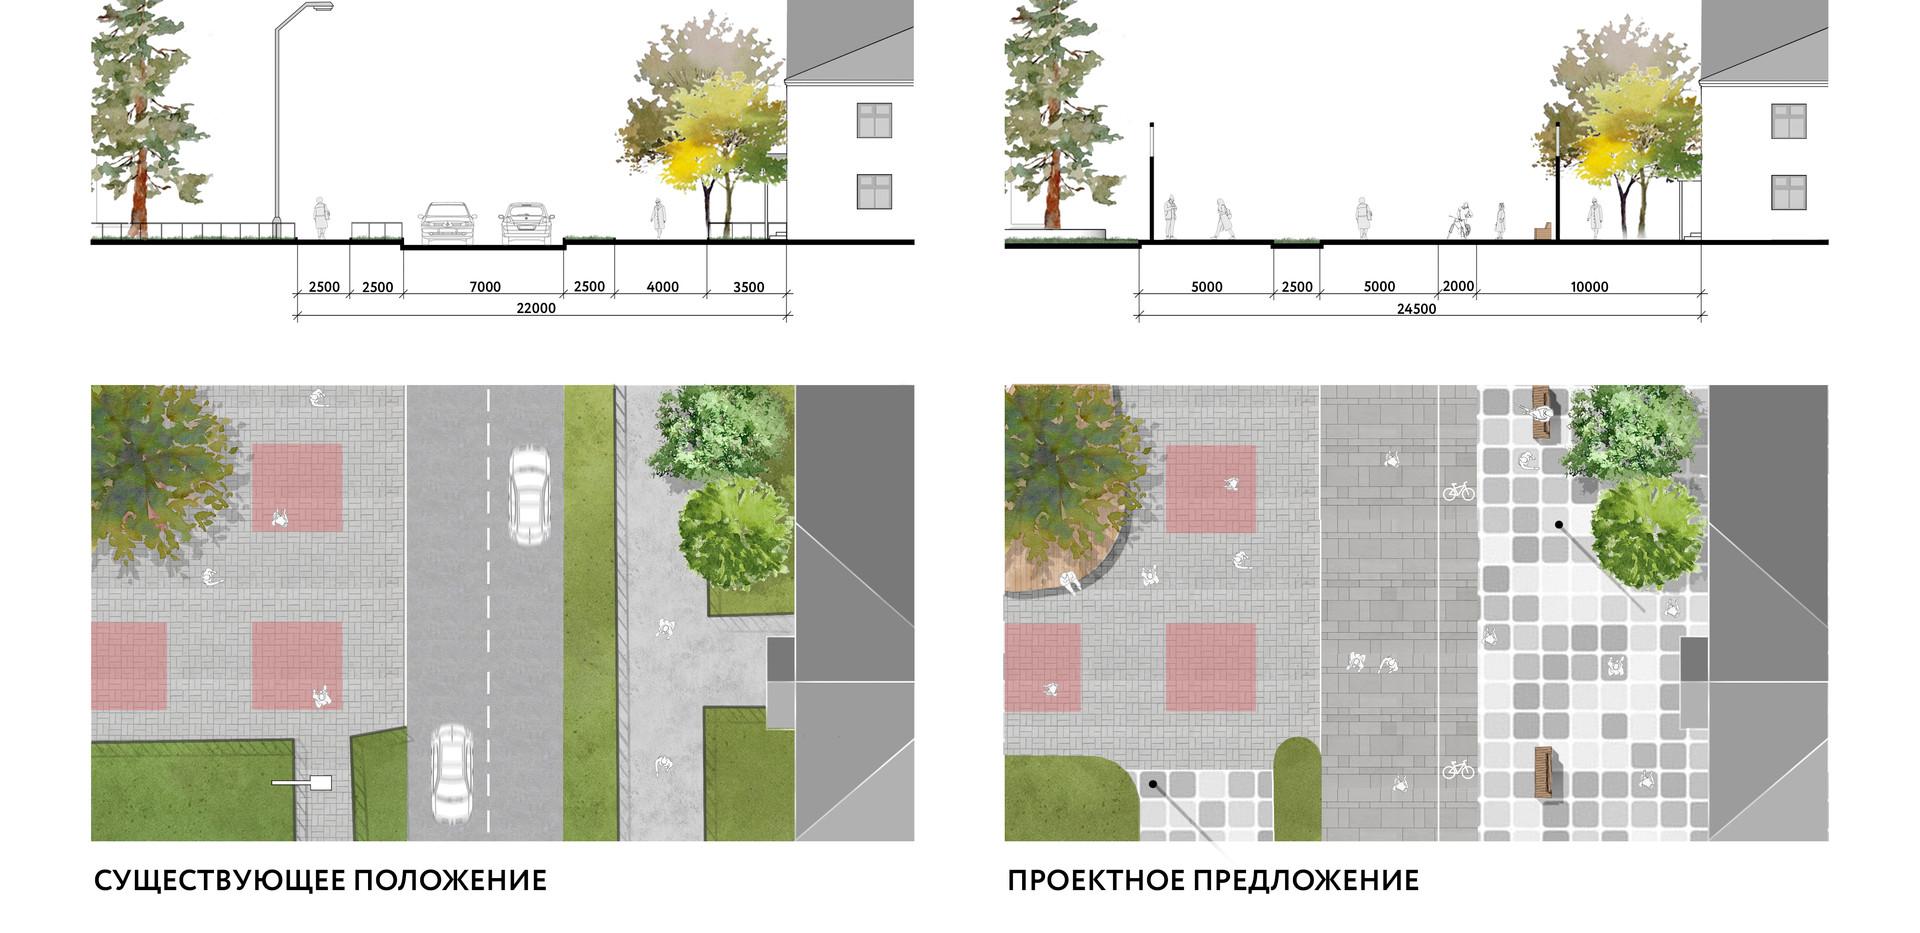 профиль улицы